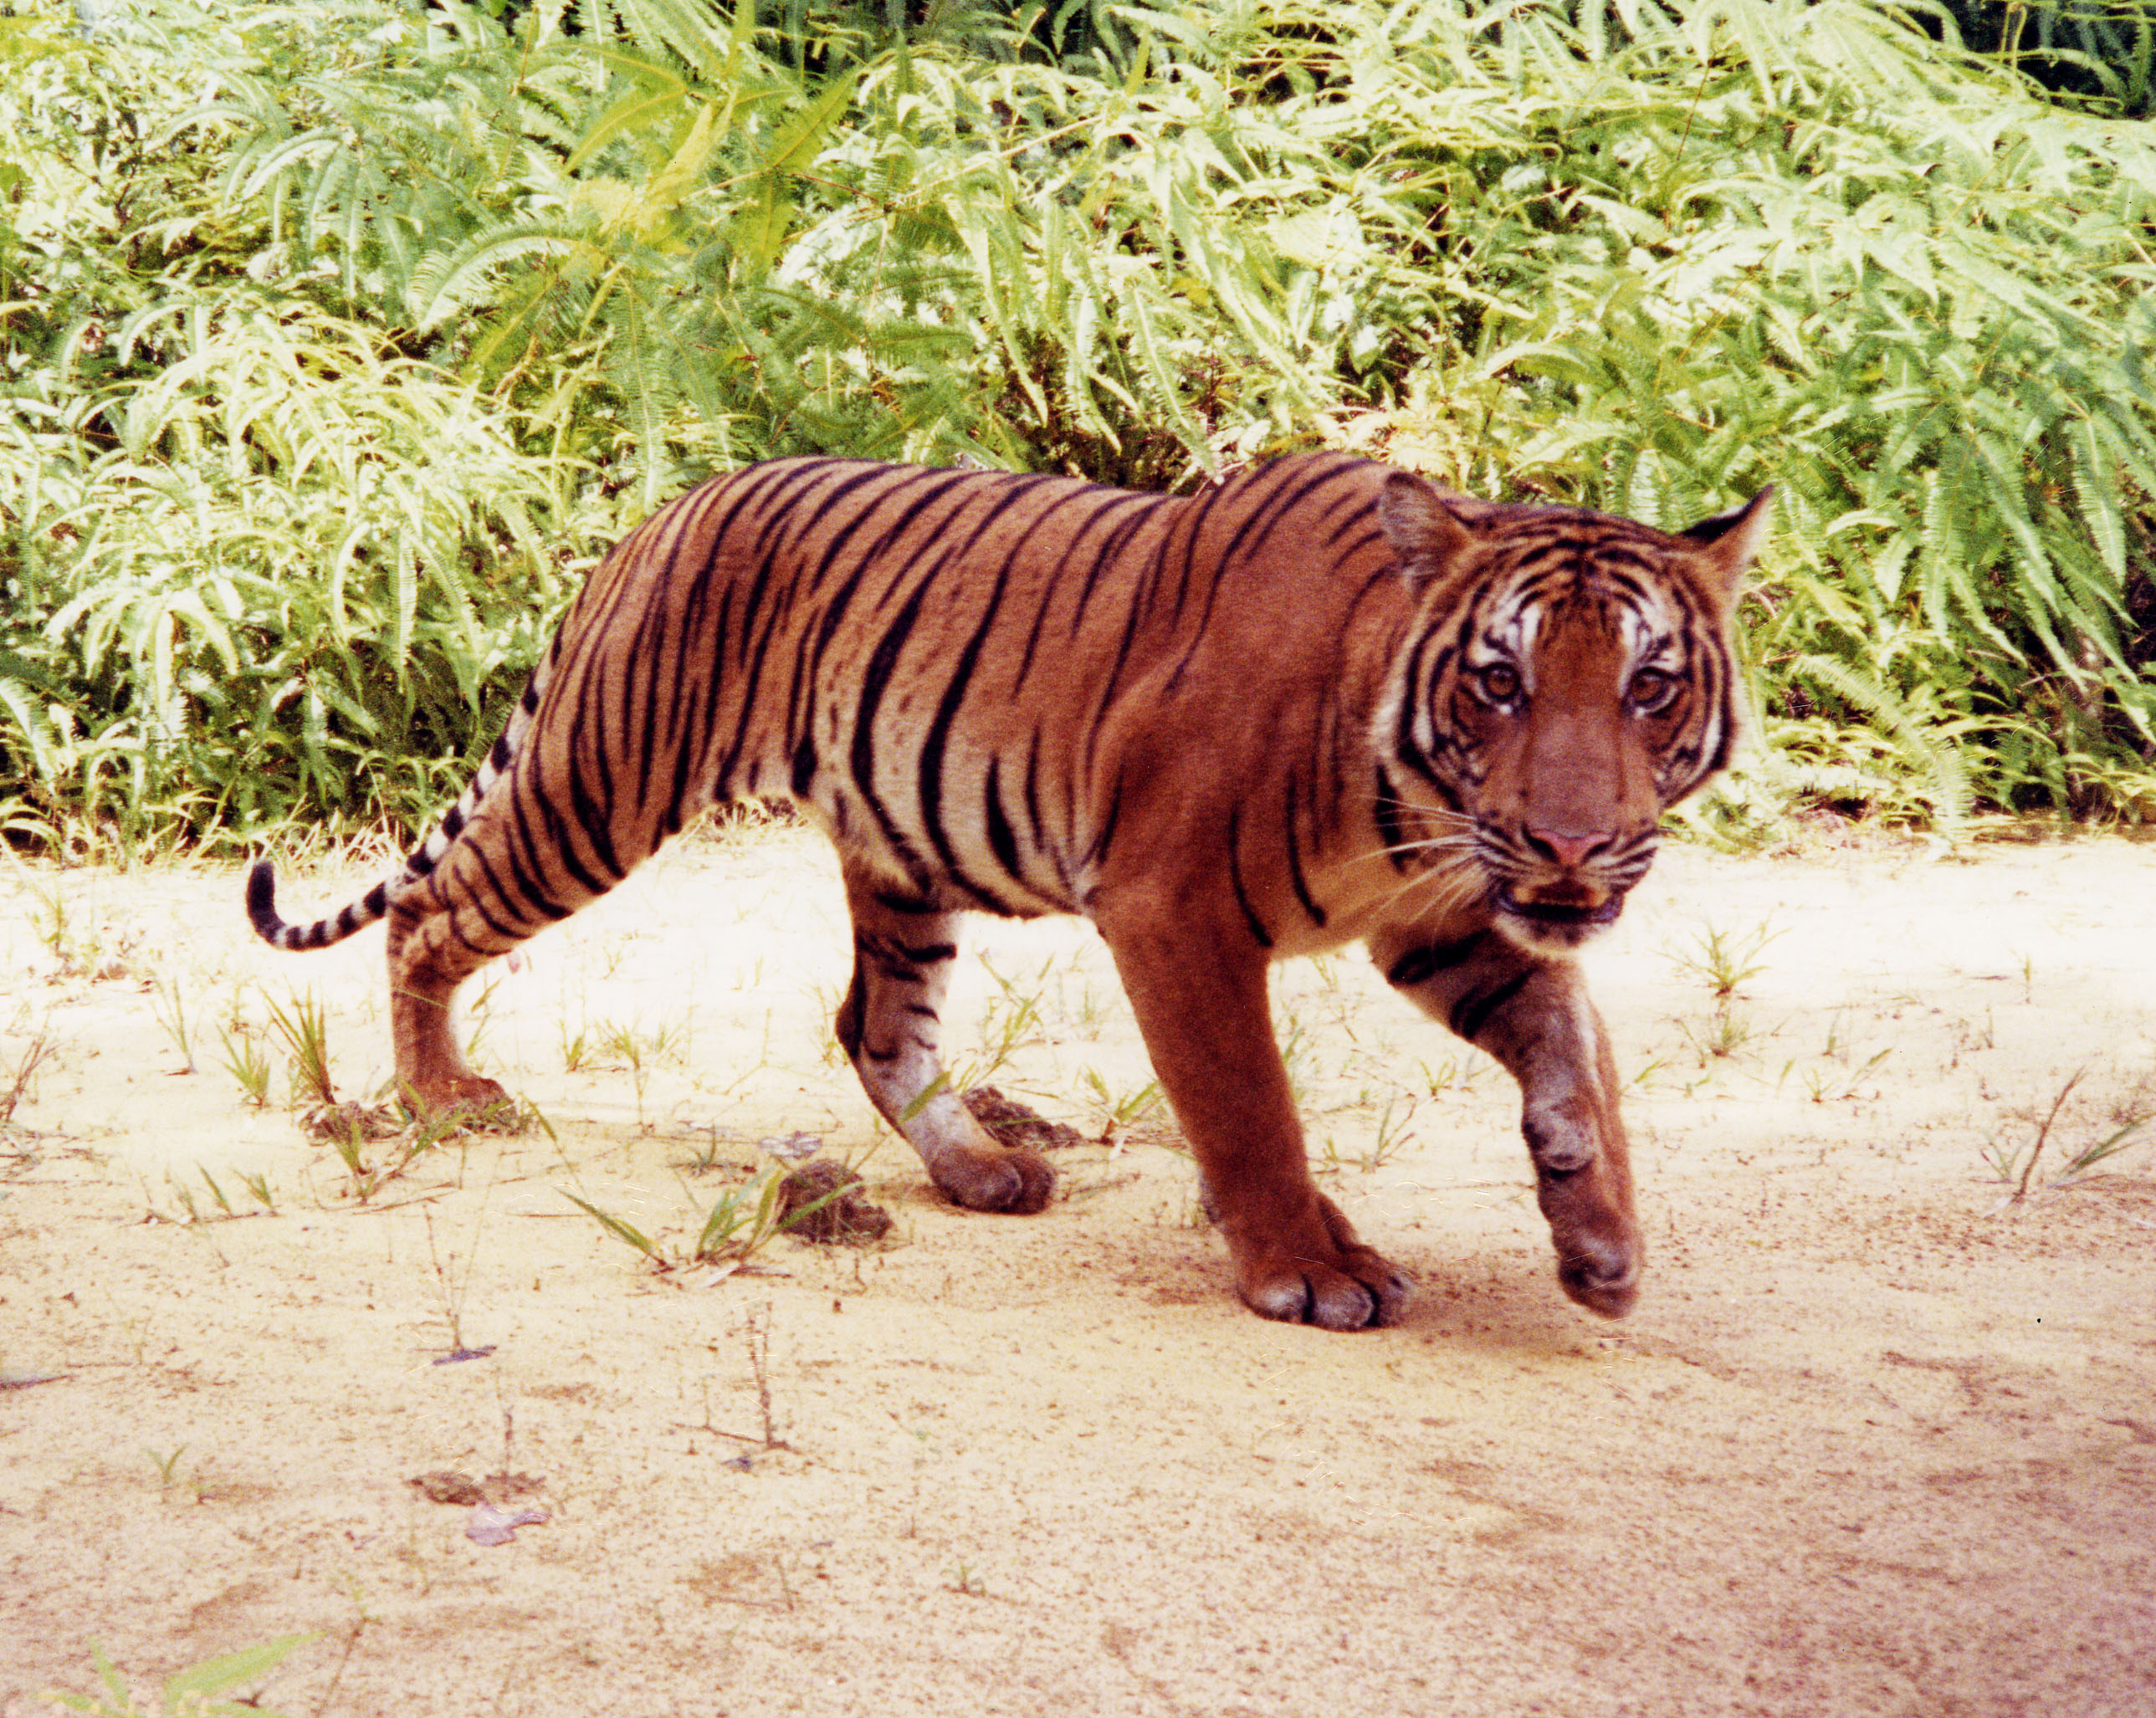 panthera tigris ssp. jacksoni (malayan tiger)